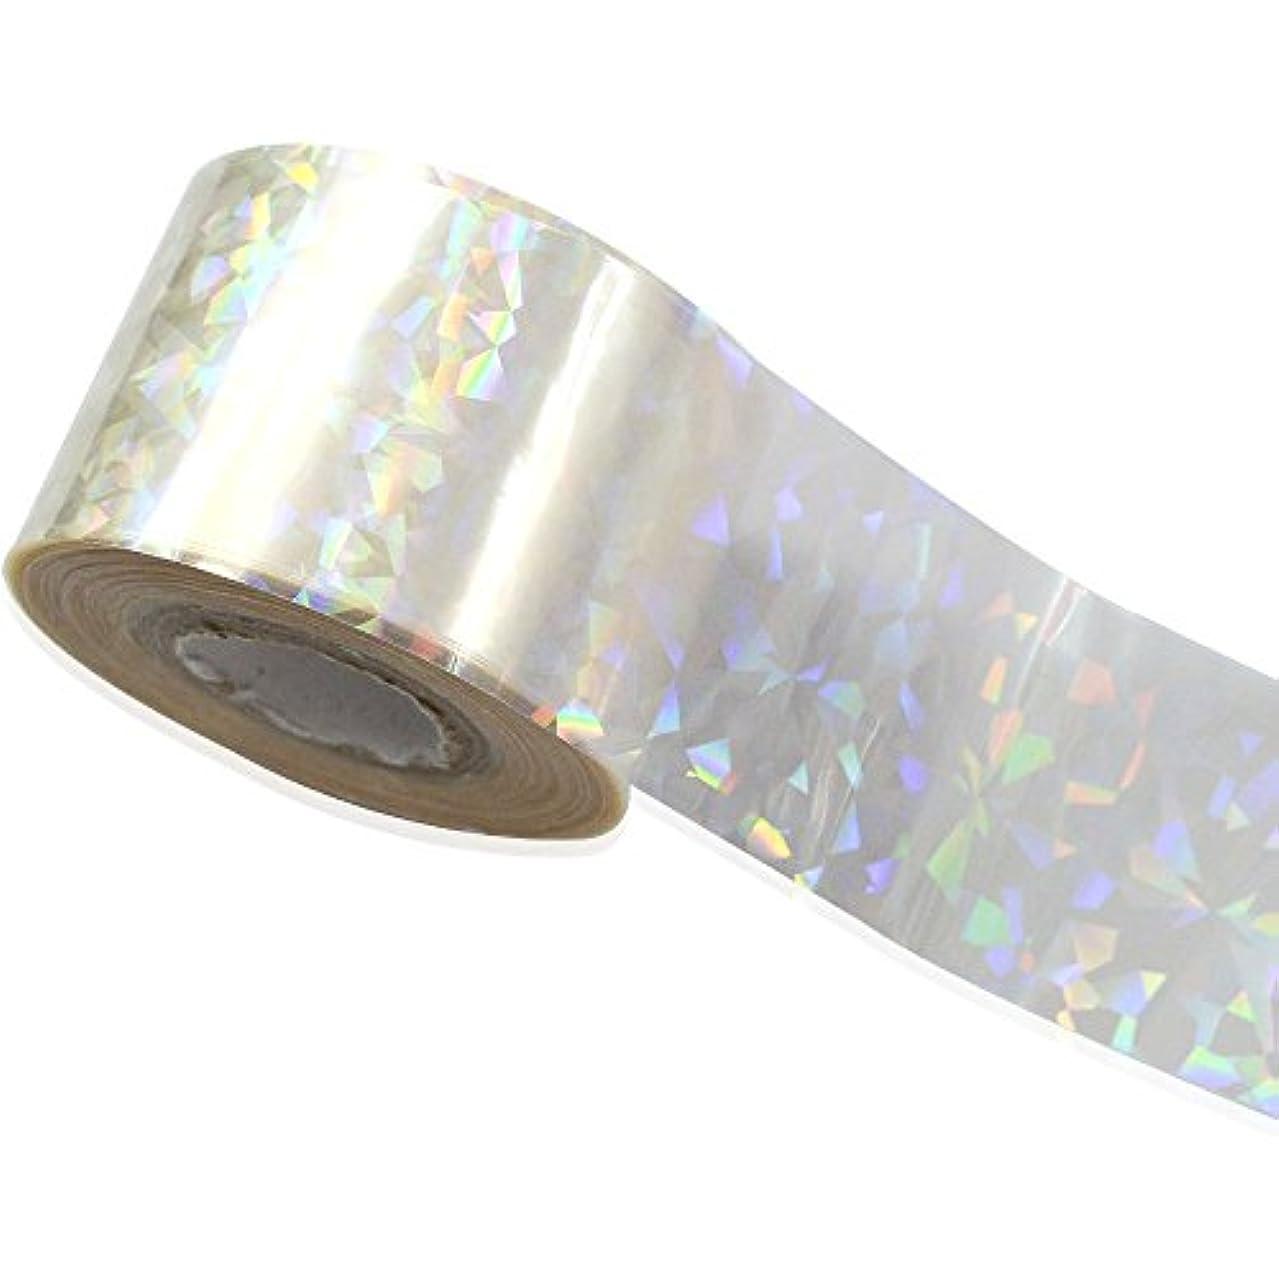 文芸短くする妨げるSUKTI&XIAO ネイルステッカー 100Cmx4Cm壊れたガラスミラー箔箔指diyネイルアートペーパーステッカーdiyネイル美容装飾ツール